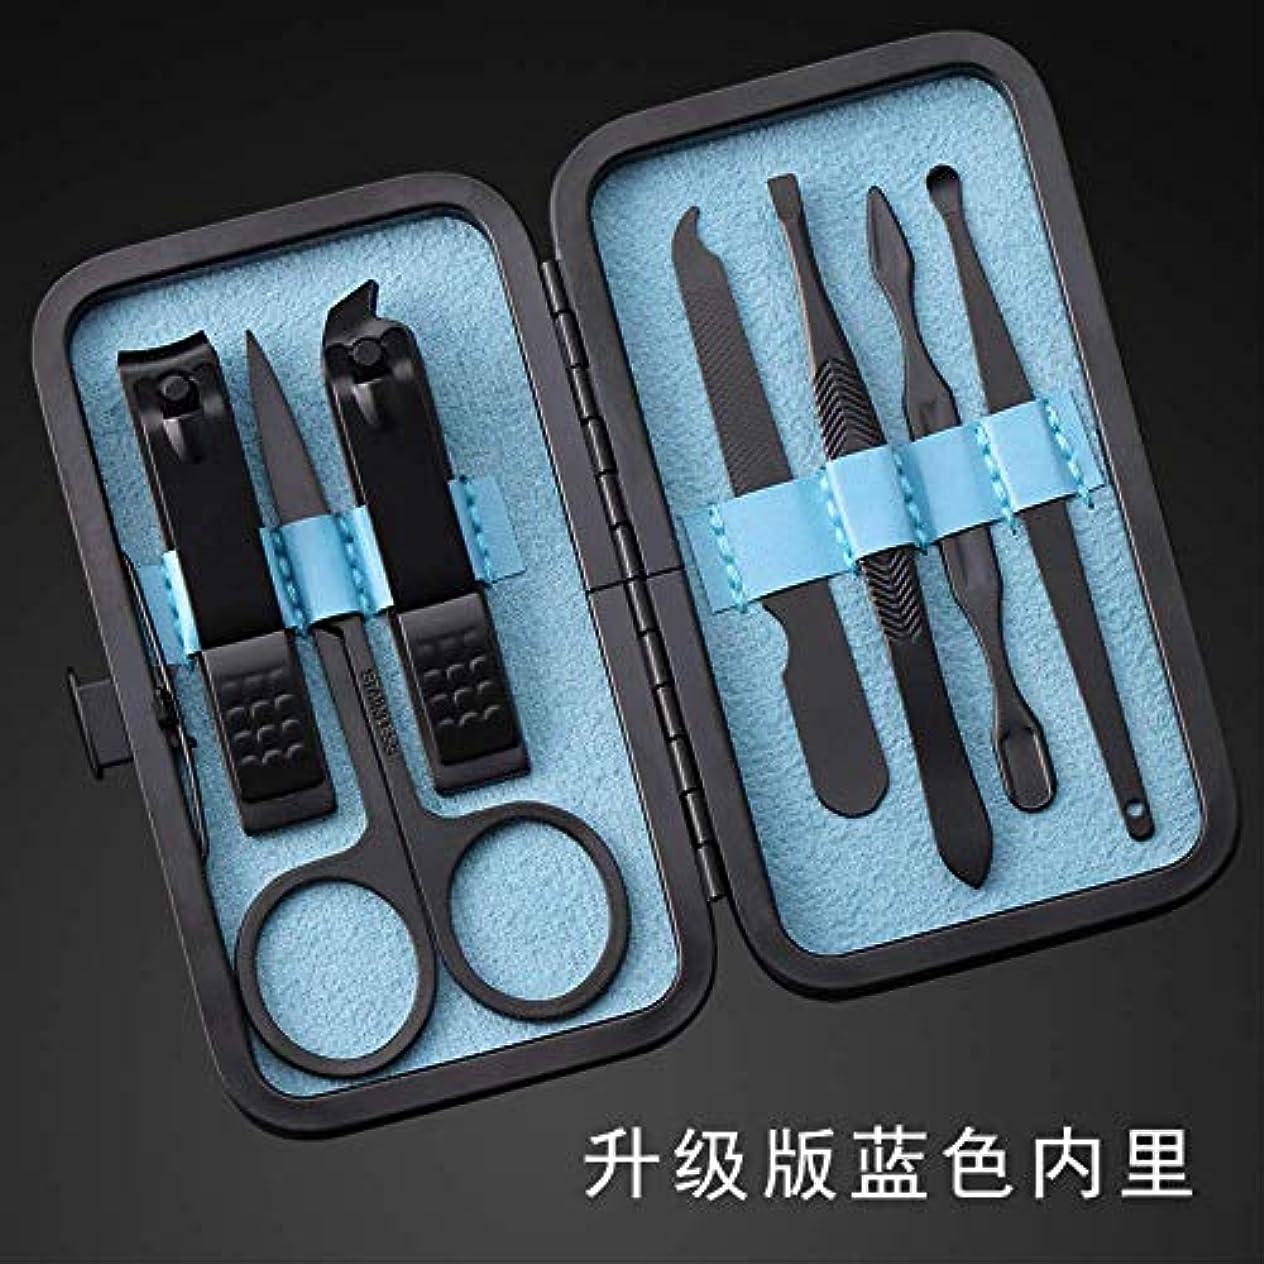 誰冊子ストライク7爪切り爪切りハサミ爪切りセット美容爪ツールマニキュアセット 青